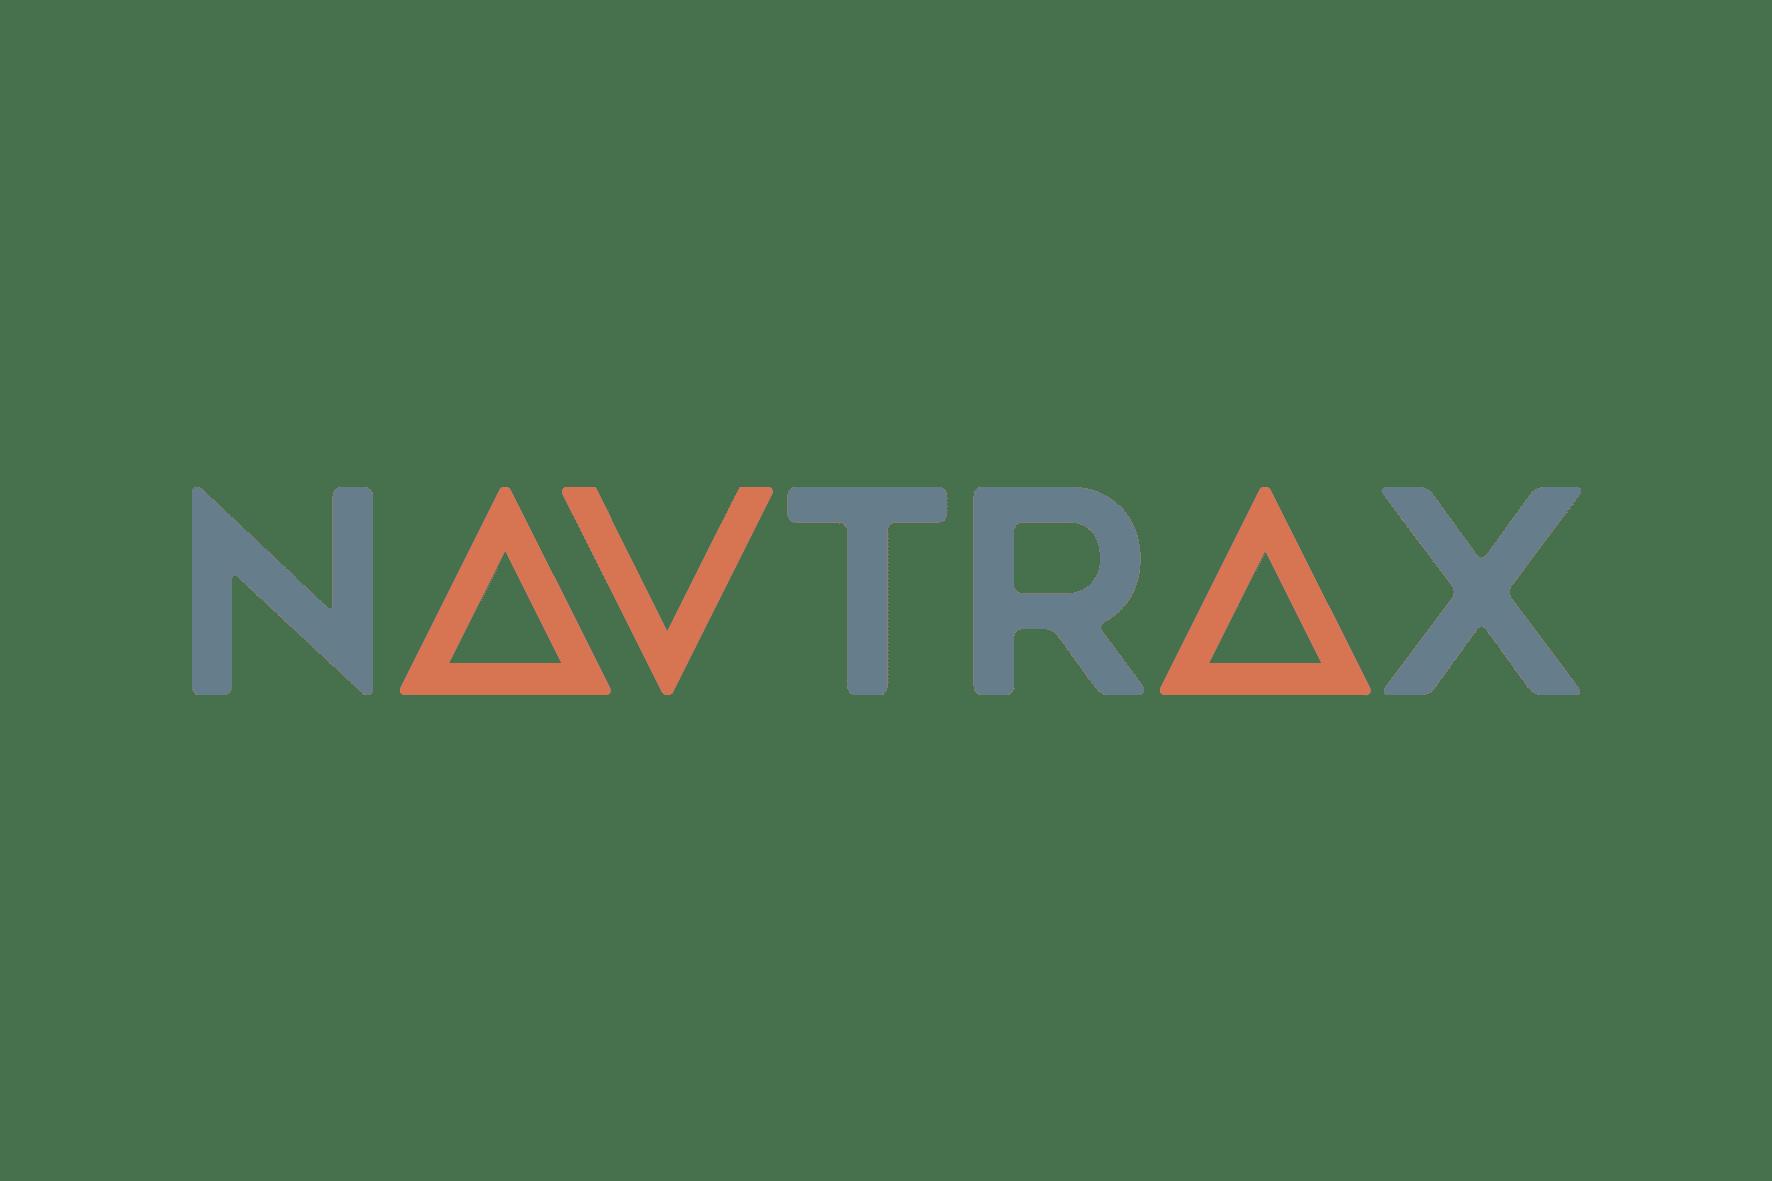 navtrax logo - maintenance magasin, bob desk et bob maintenance